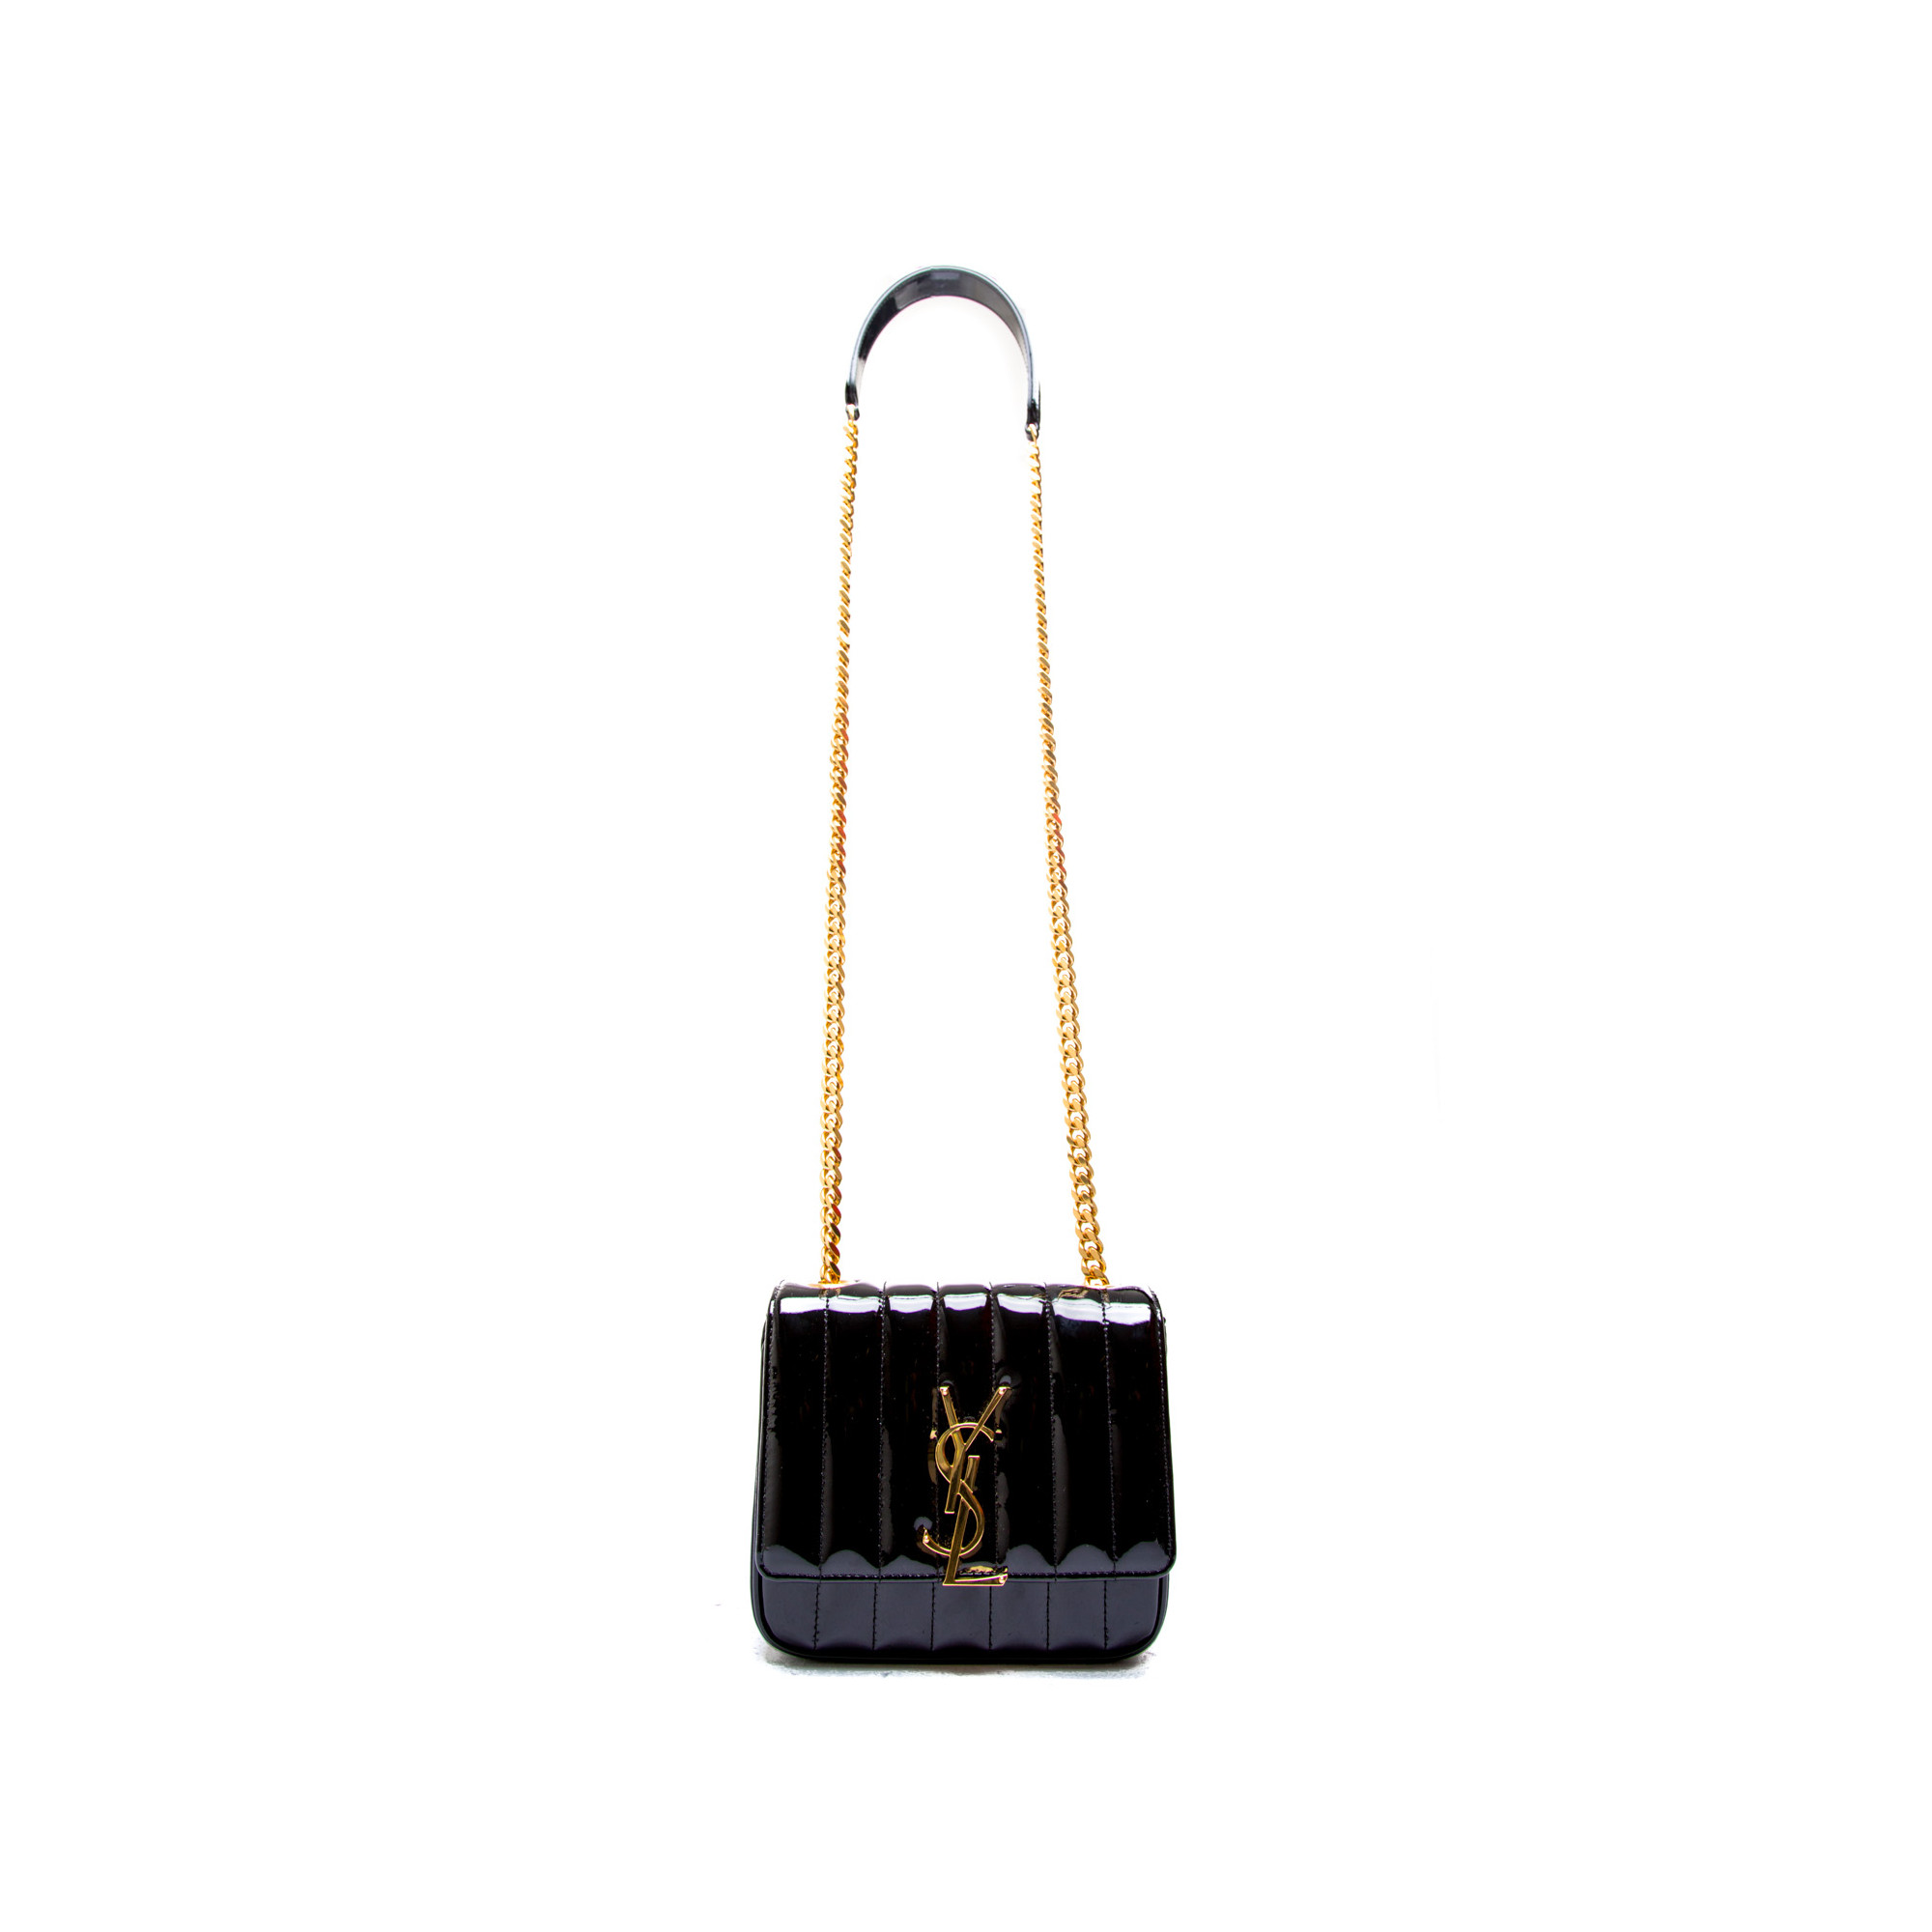 Saint Laurent ysl bag mng vicky s black538439   0uf0j   1000 a36c3a5cc9527